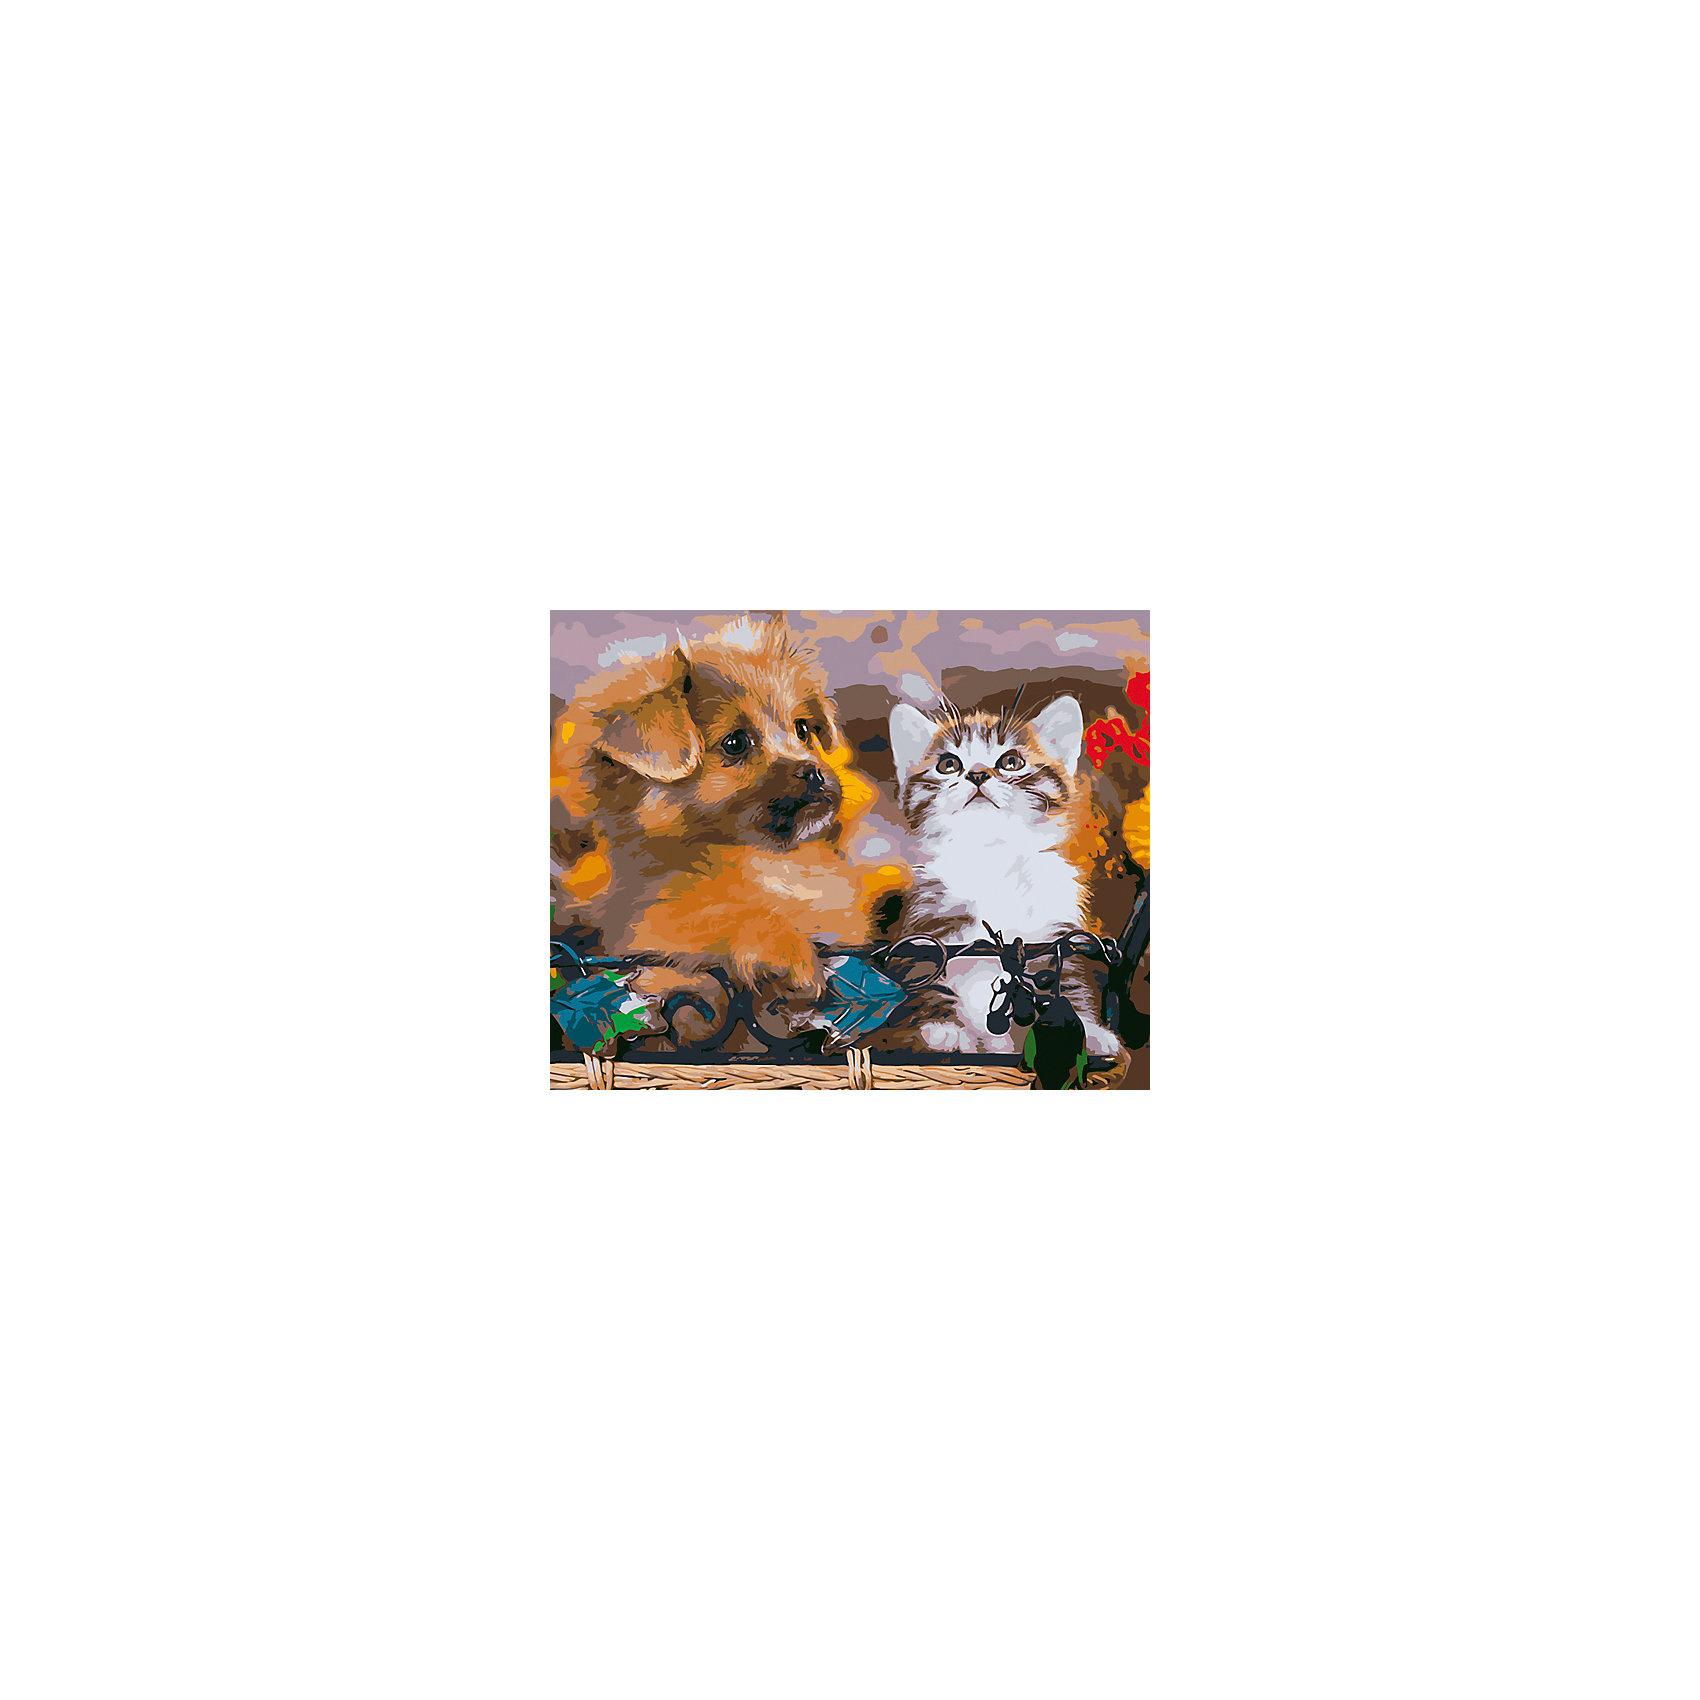 Холст с красками по номерам Пушистые друзья 40х50 смРисование<br>замечательные наборы для создания уникального шедевра изобразительного искусства. Создание картин на специально подготовленной рабочей поверхности – это уникальная техника, позволяющая делать Ваши шедевры более яркими и реалистичными. Просто нанесите мазки на уже готовый эскиз и оживите картину! Готовые изделия могут стать украшением интерьера или прекрасным подарком близким и друзьям.<br><br>Ширина мм: 510<br>Глубина мм: 410<br>Высота мм: 25<br>Вес г: 900<br>Возраст от месяцев: 36<br>Возраст до месяцев: 108<br>Пол: Унисекс<br>Возраст: Детский<br>SKU: 5096780